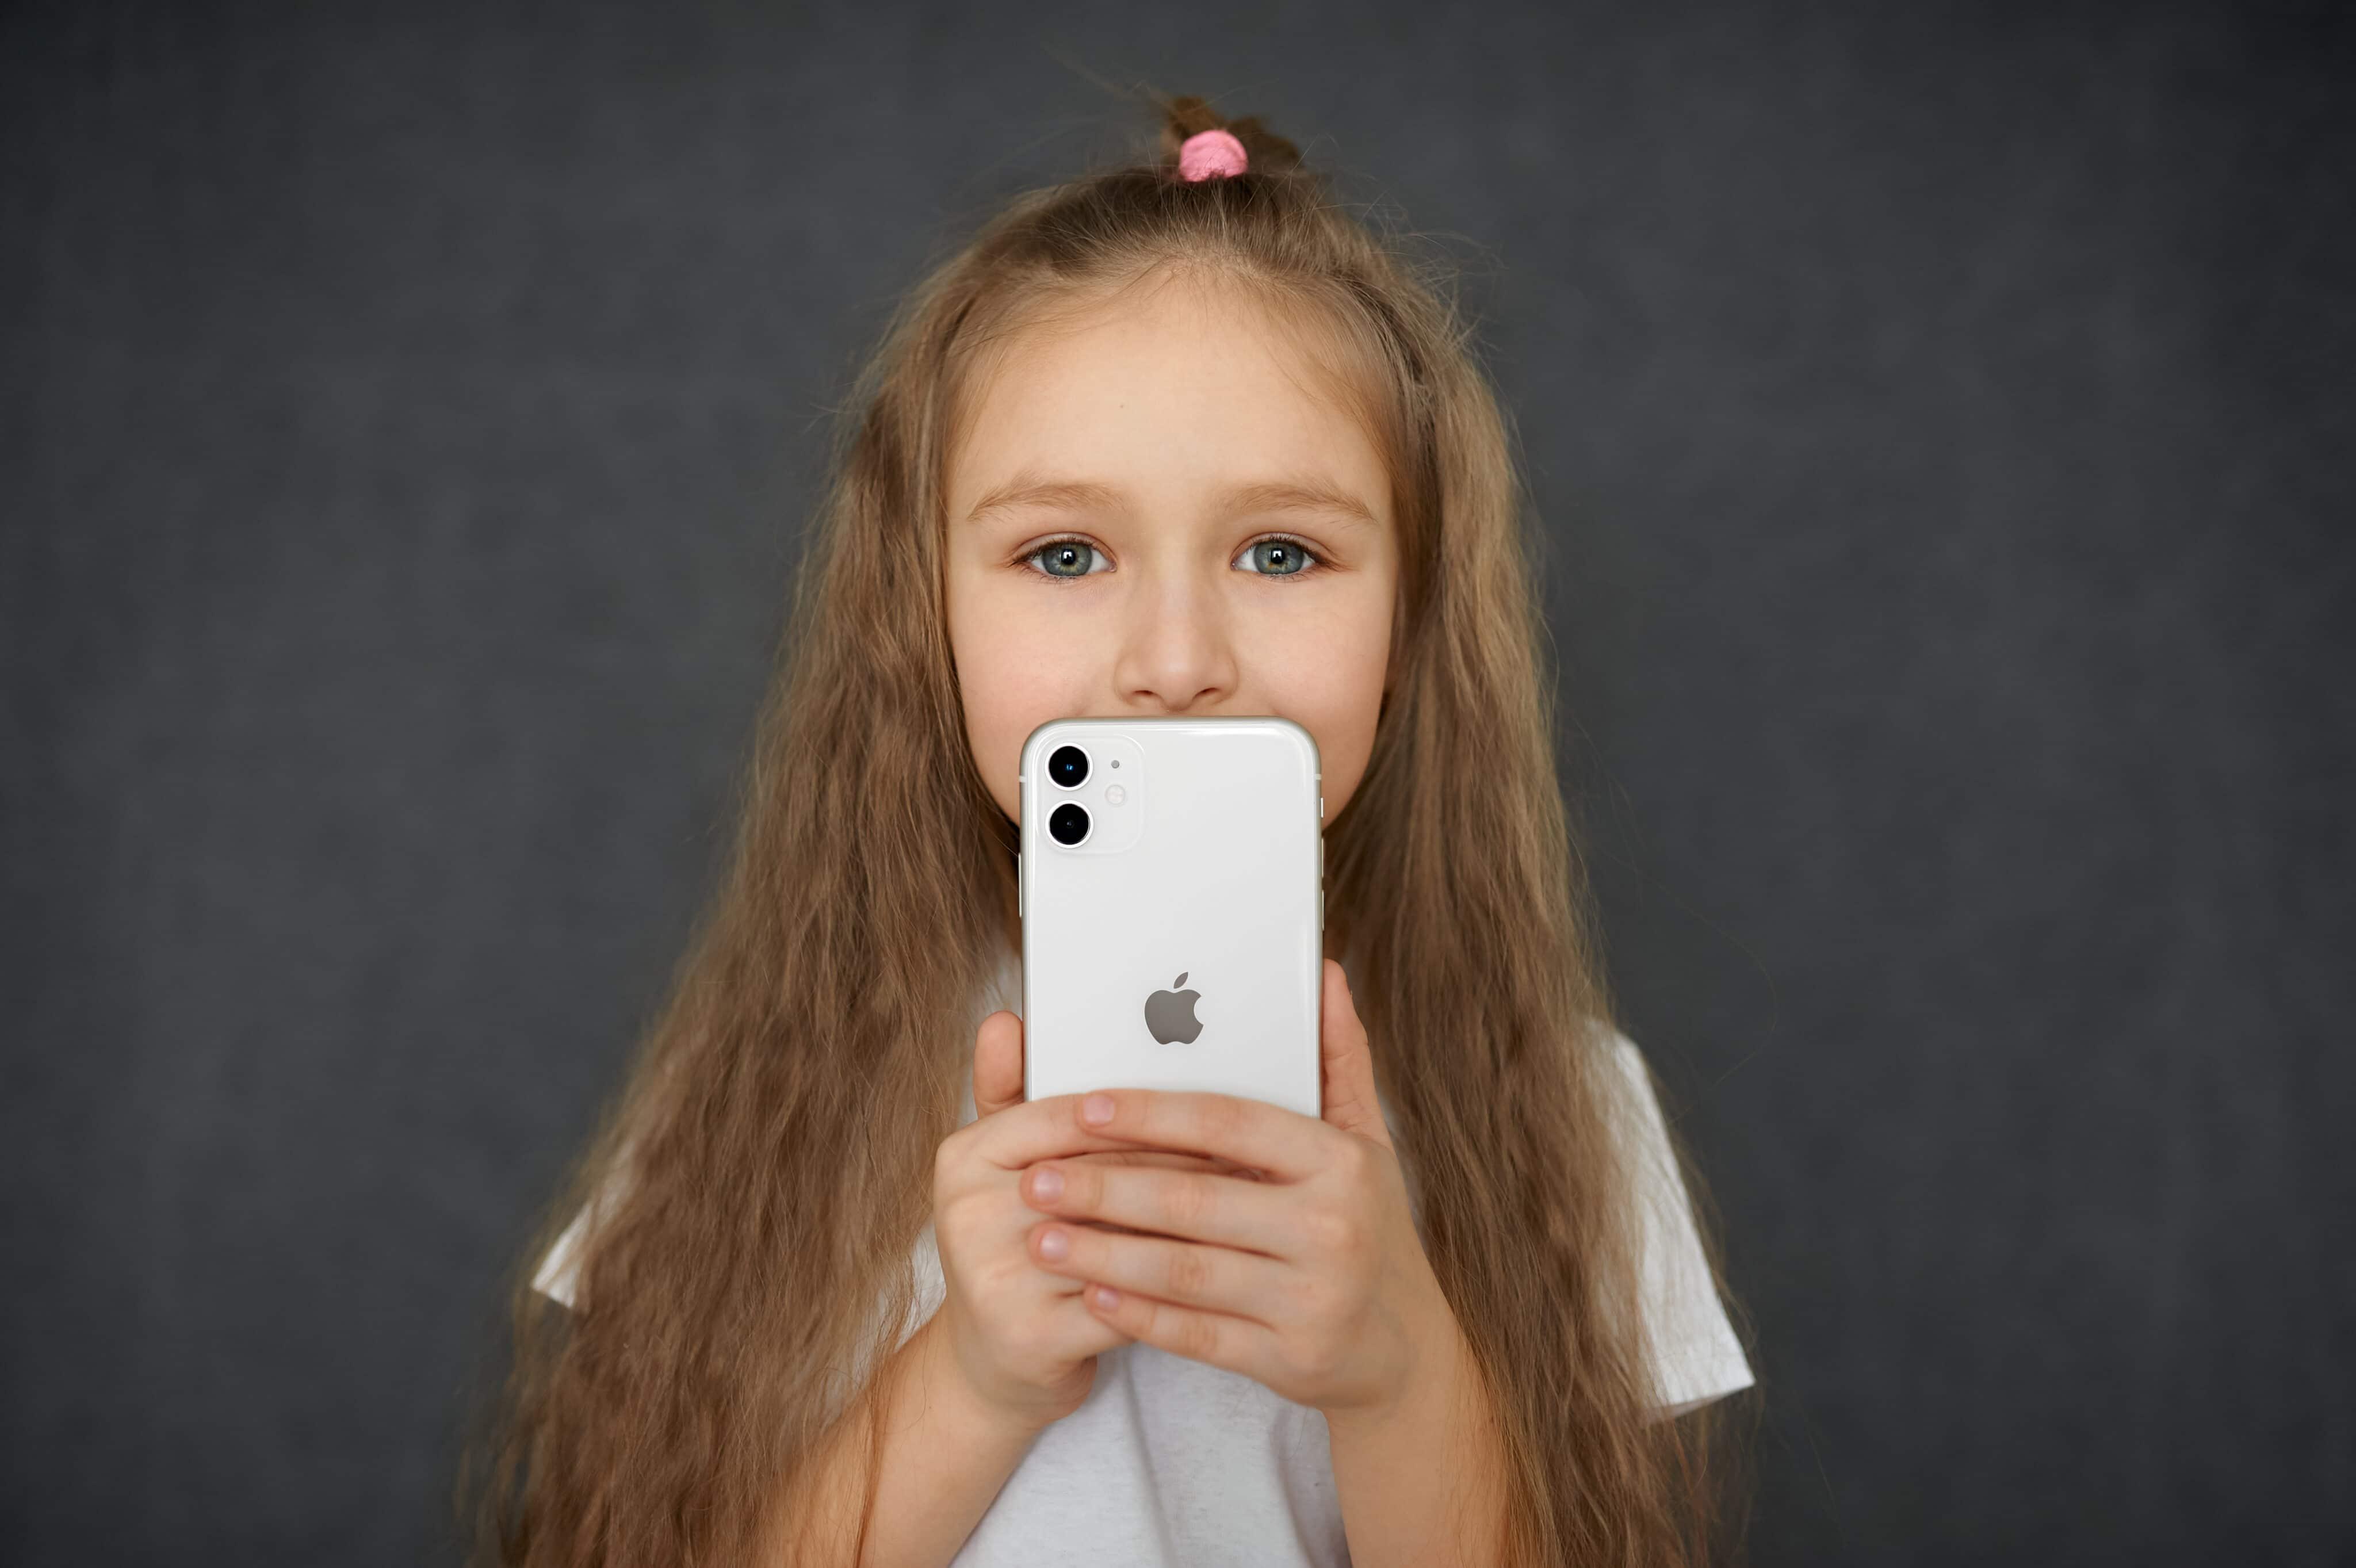 Criança segurando um iPhone